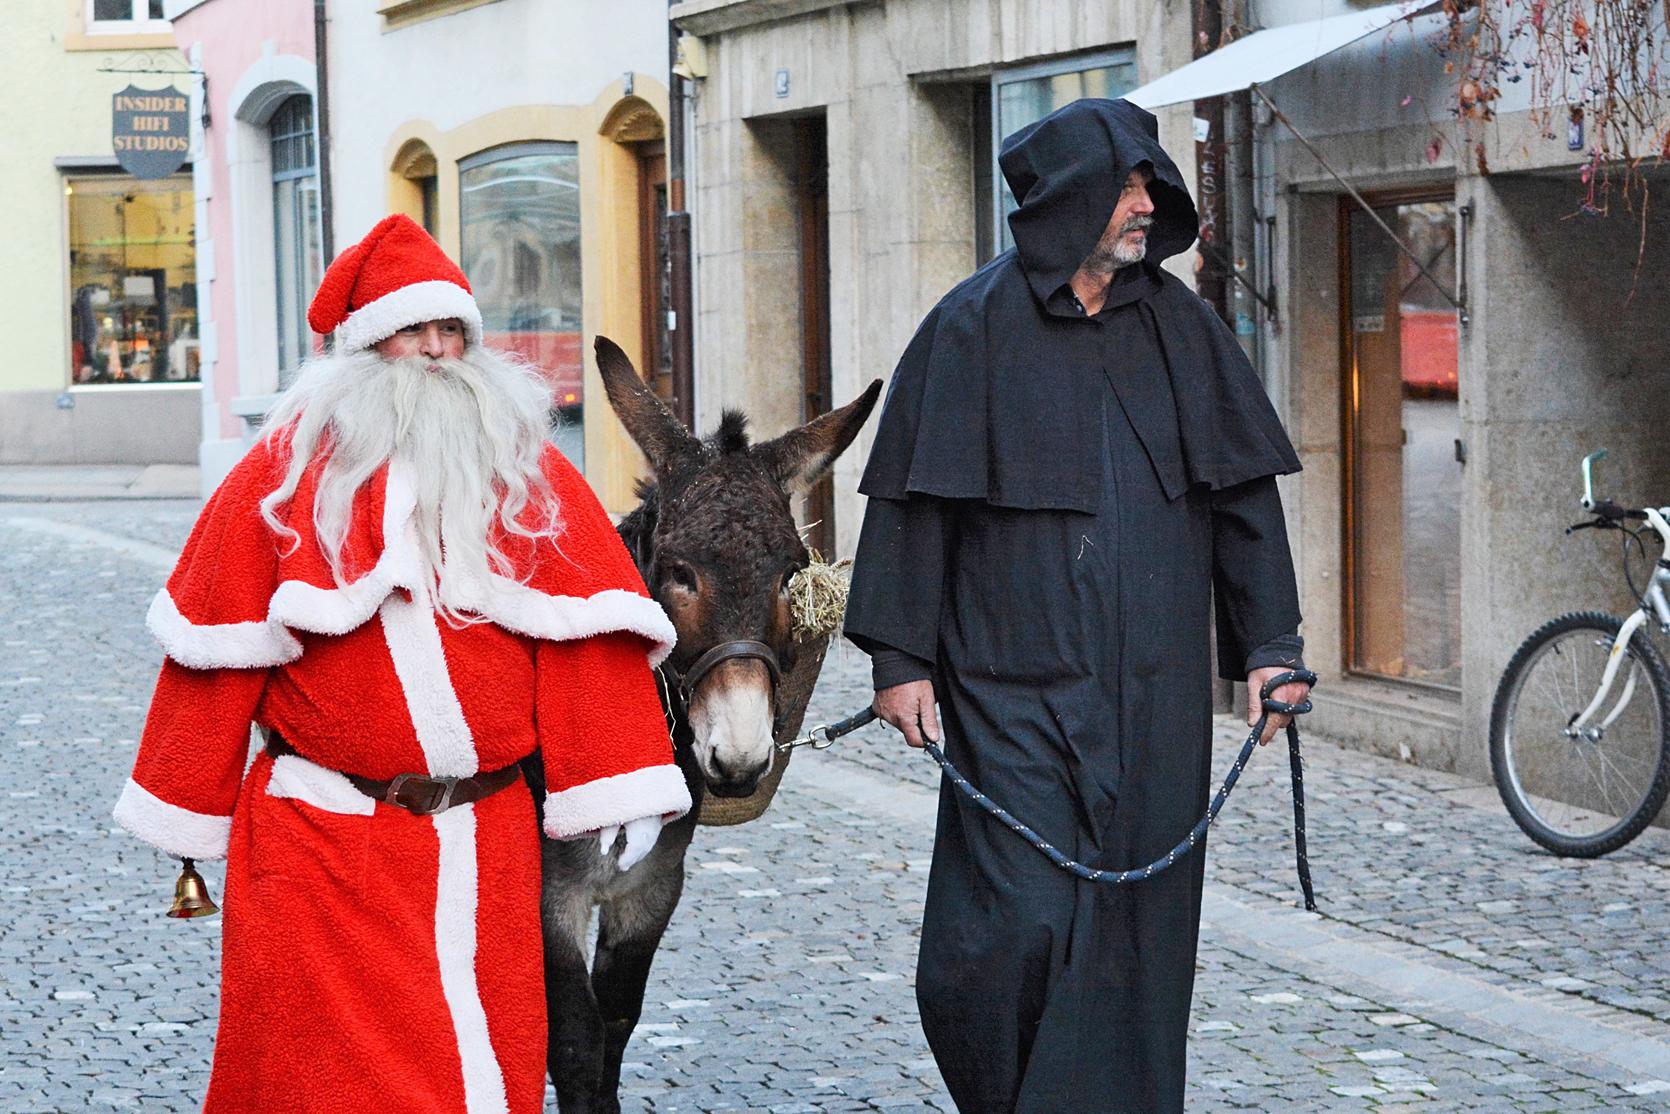 Santichlaus, Schmutzli und Esel treffen in der Bieler Altstadt ein.